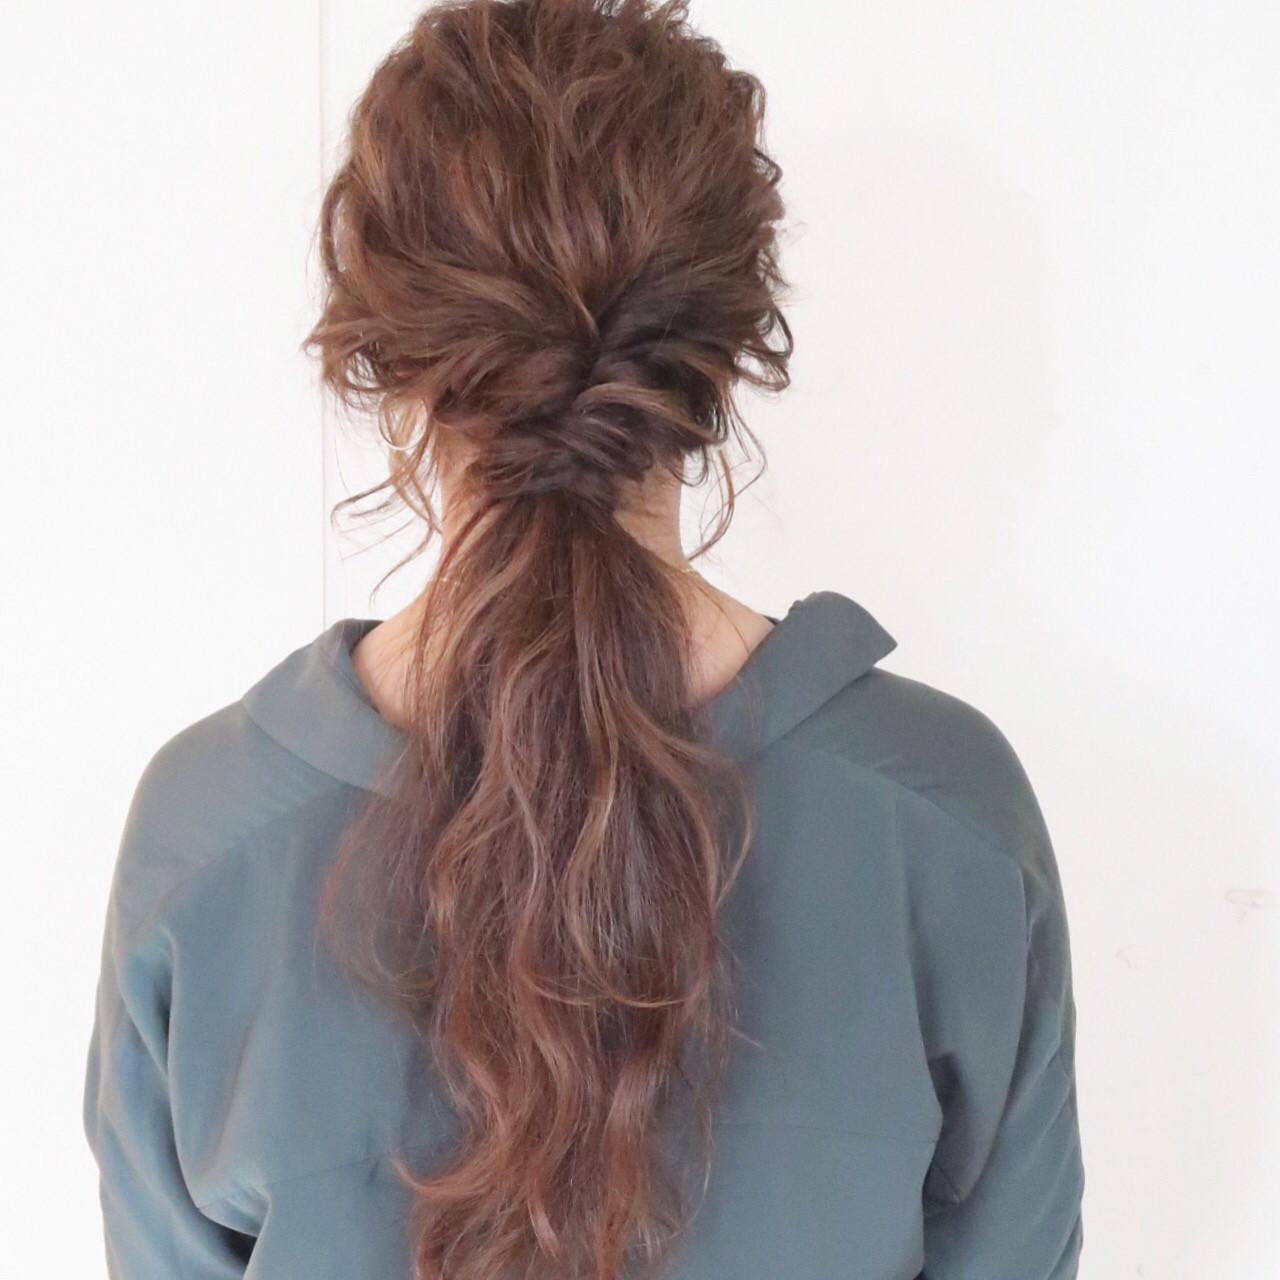 結婚式 ロング ゆるふわ ヘアアレンジヘアスタイルや髪型の写真・画像